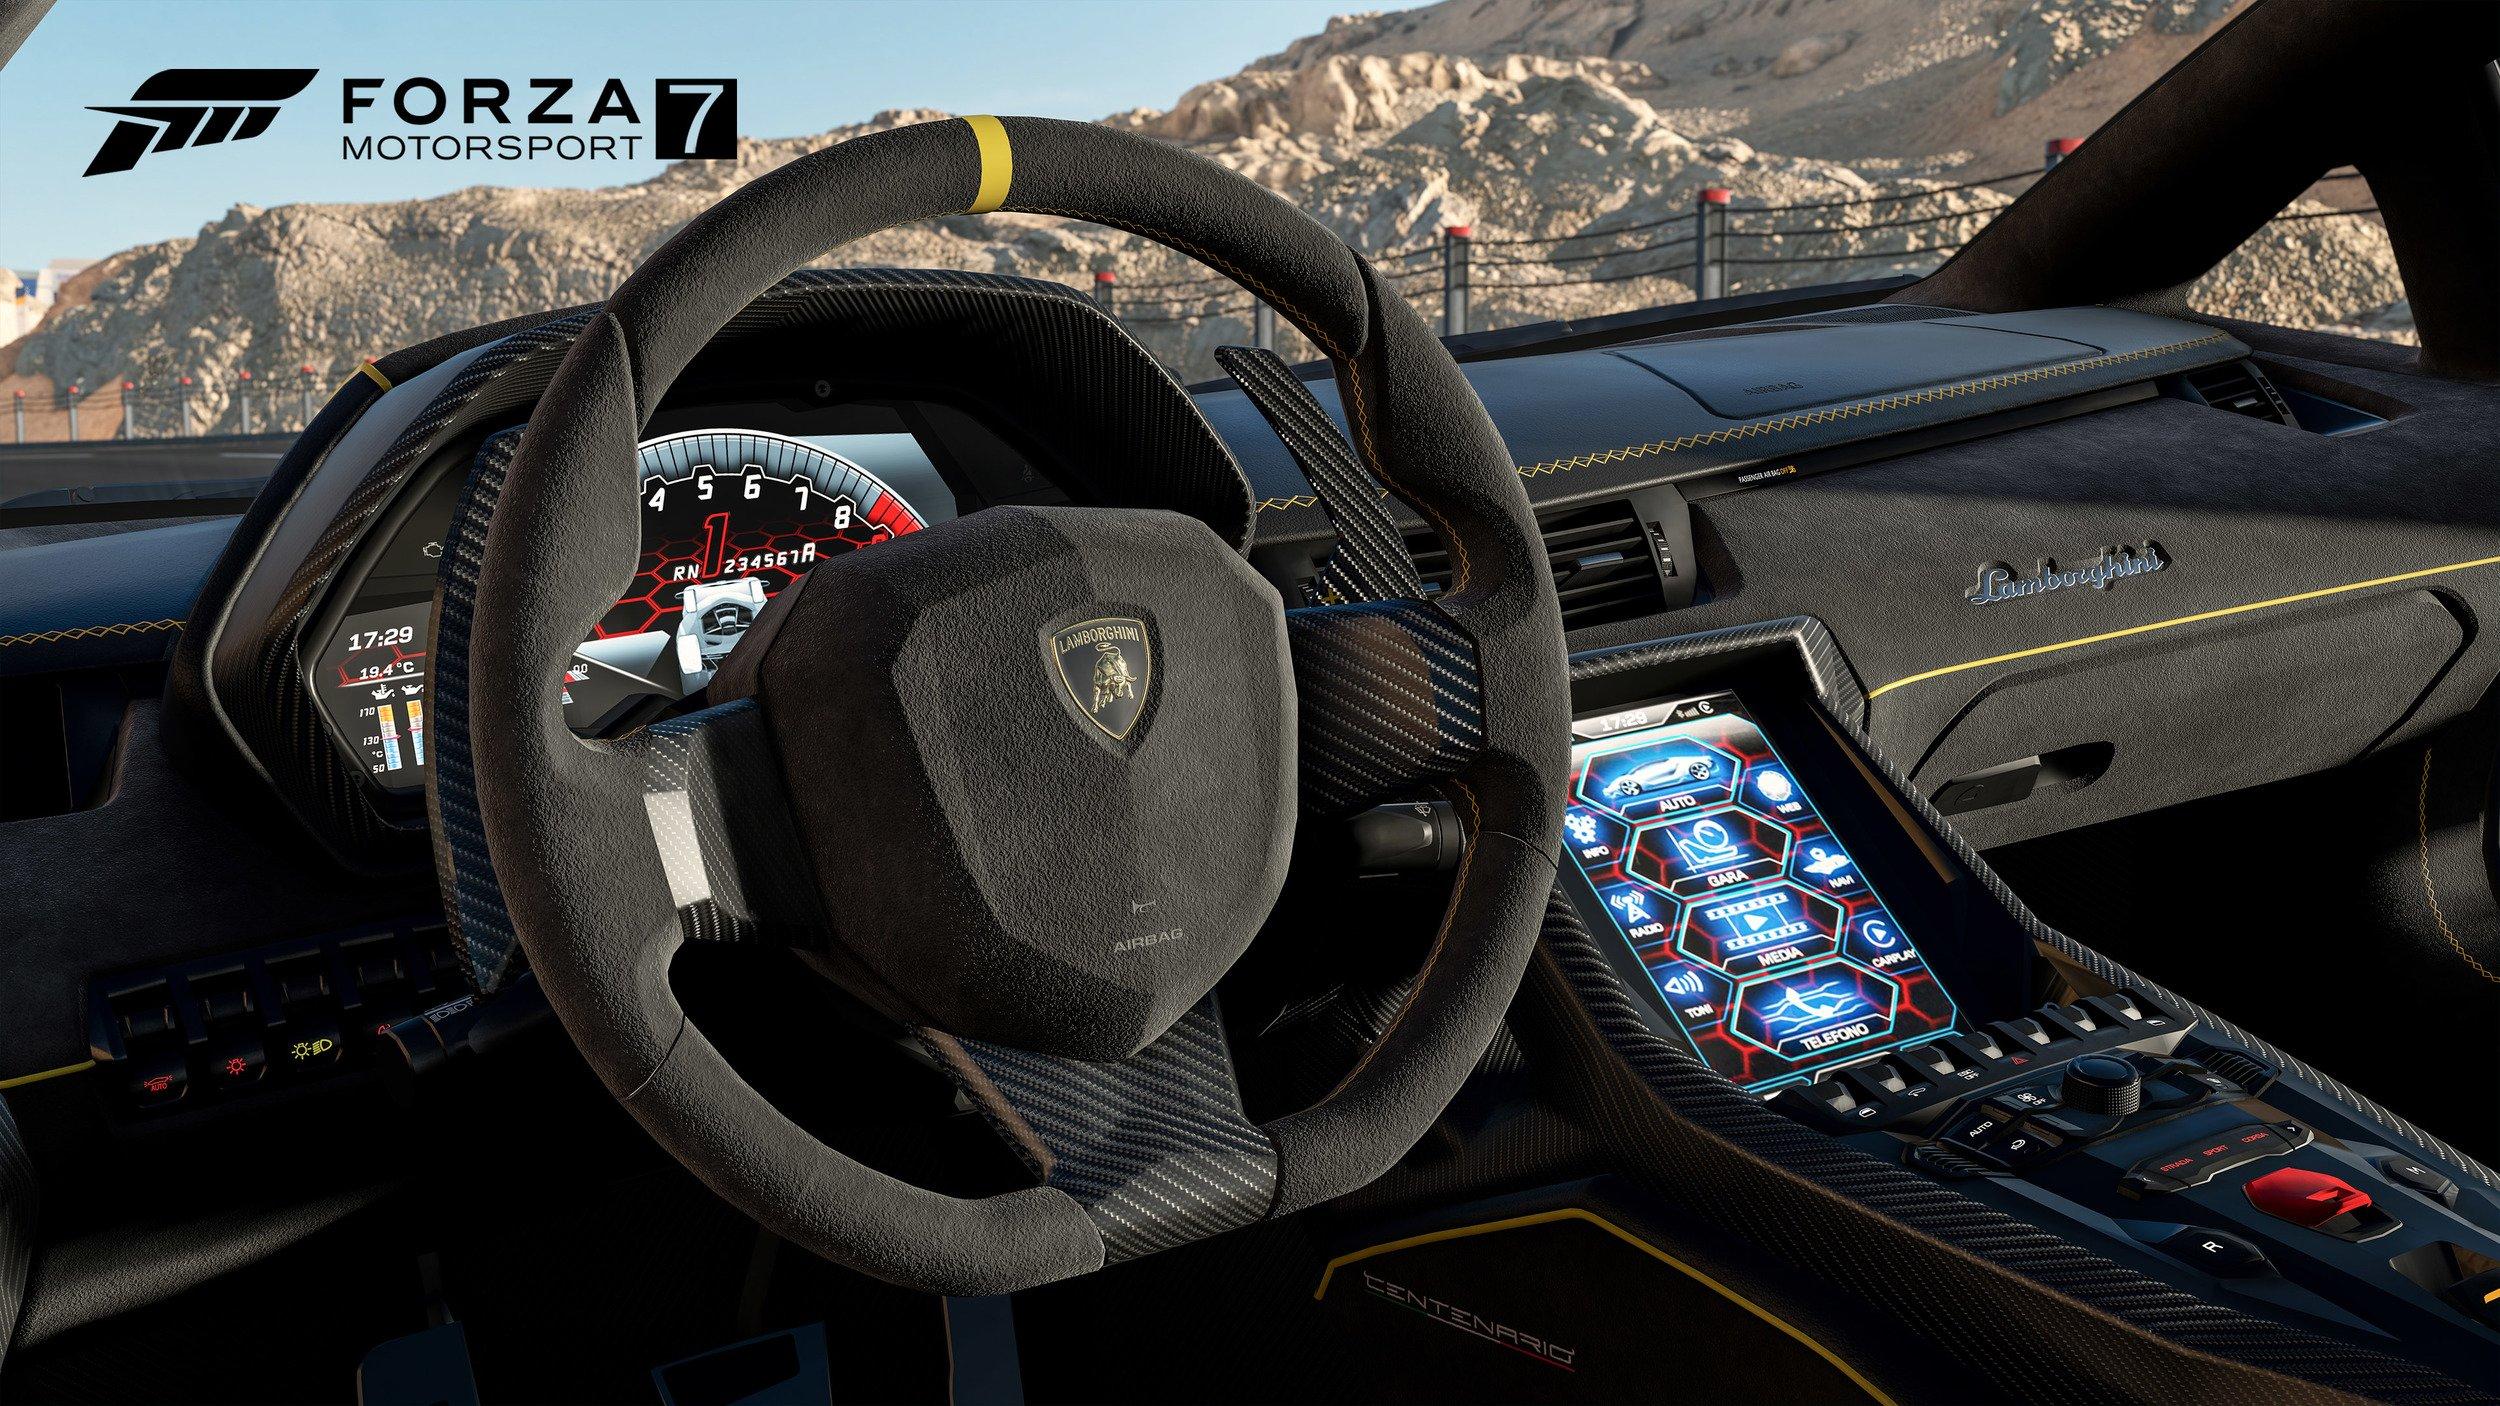 Forza Motorsport 7 Lamborghini Aventador Interior